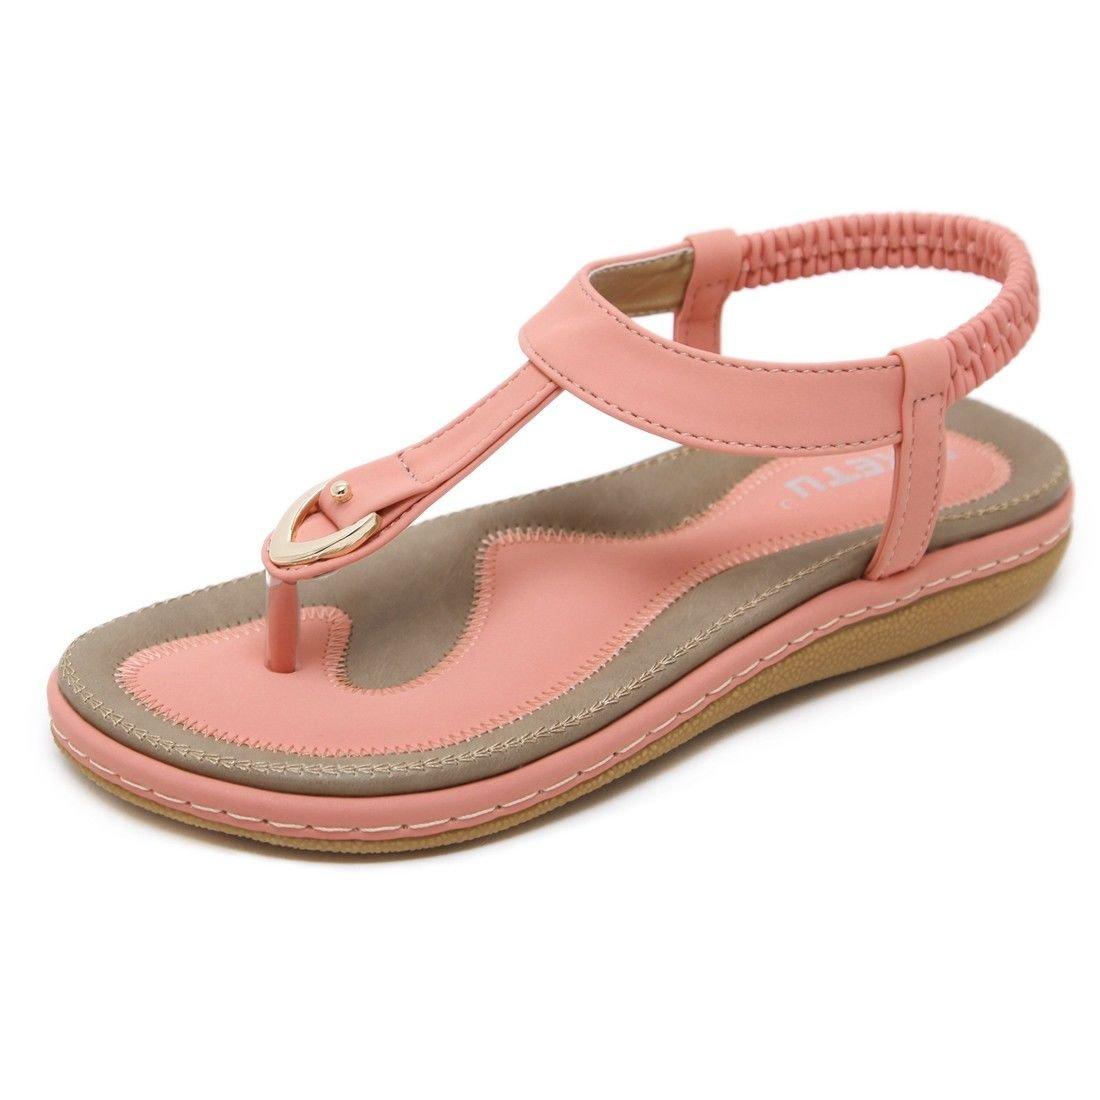 AIKAKA Damenschuhe Fruuml;hling Sommer Groszlig;e Student Studded Flachen Sandalen  35 EU|Pink